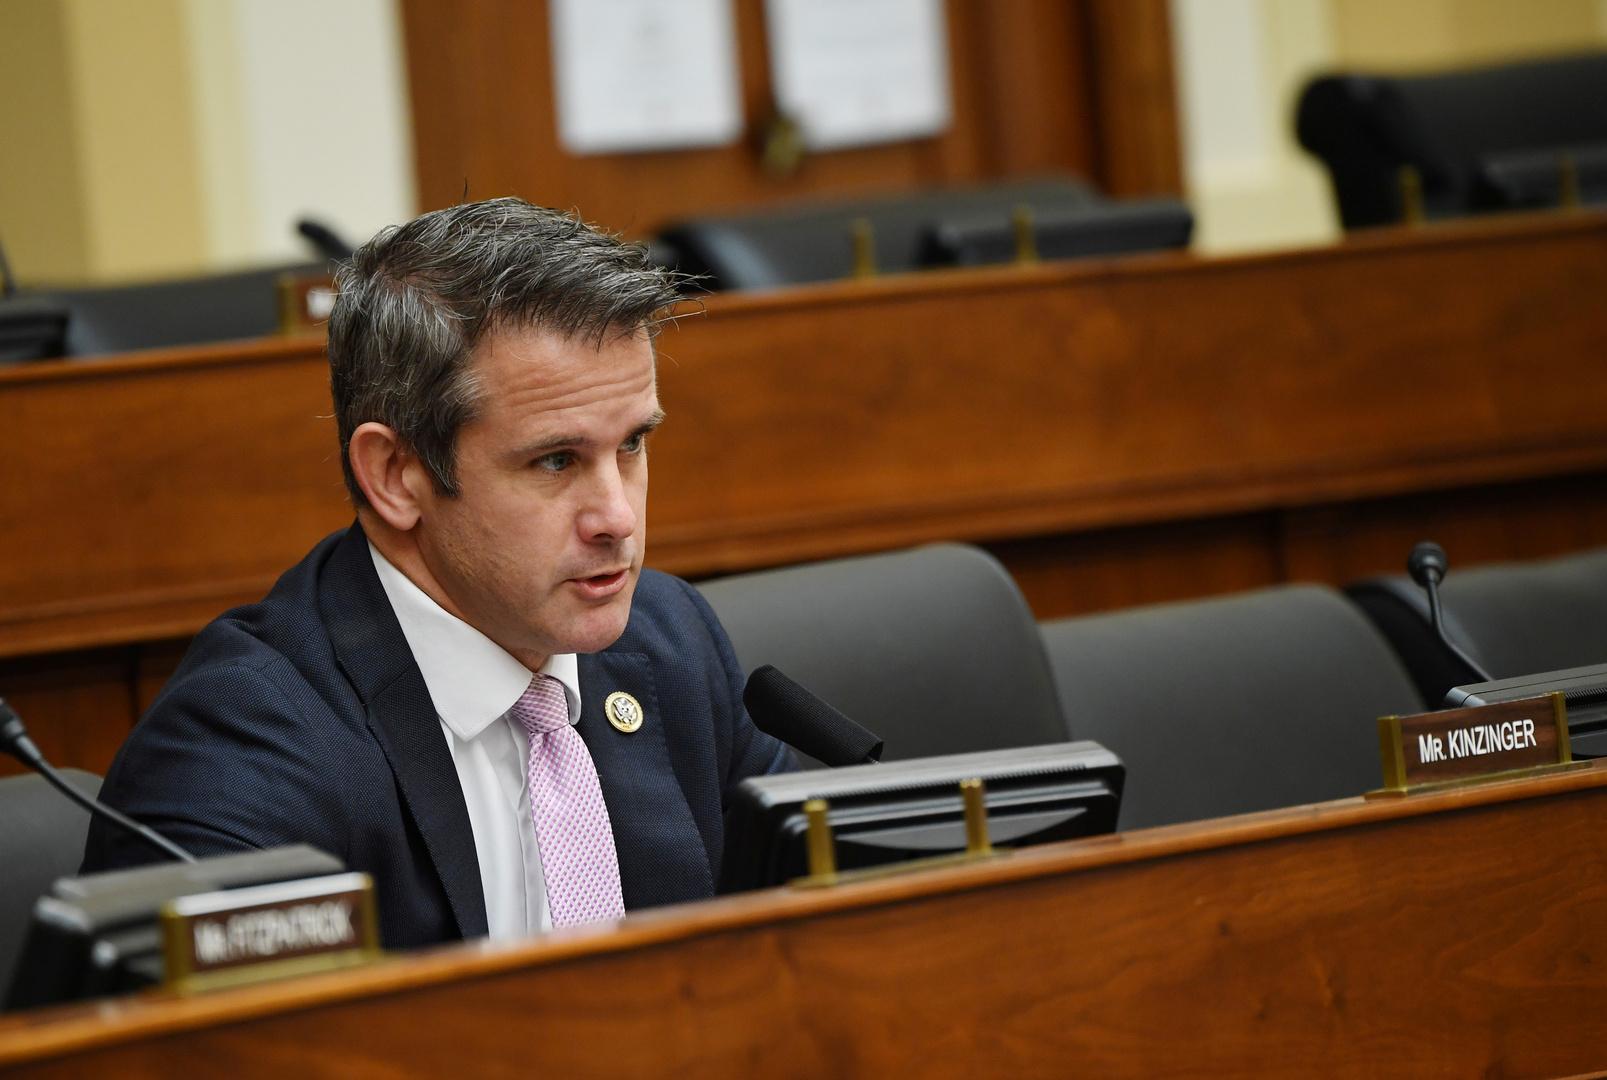 نائب جمهوري في الكونغرس يدعو لإقصاء ترامب من السلطة